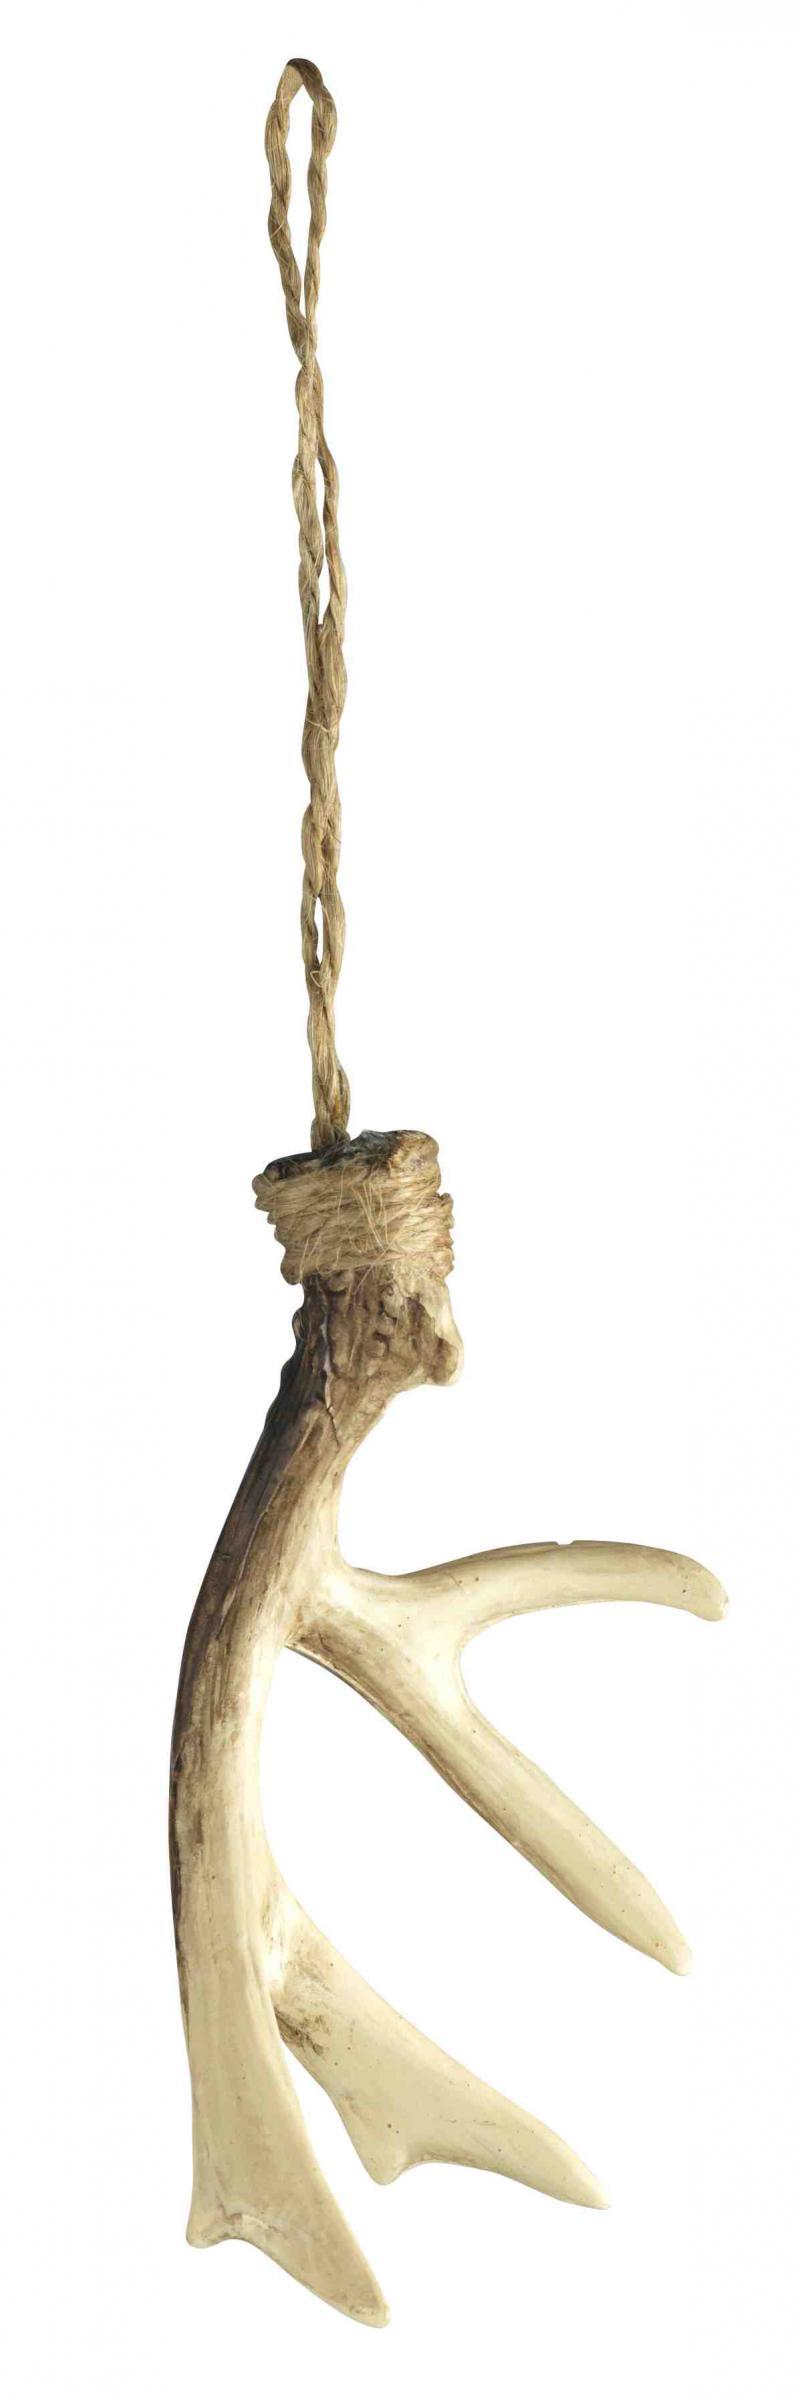 HORN för dekoration - julpynt för julgran